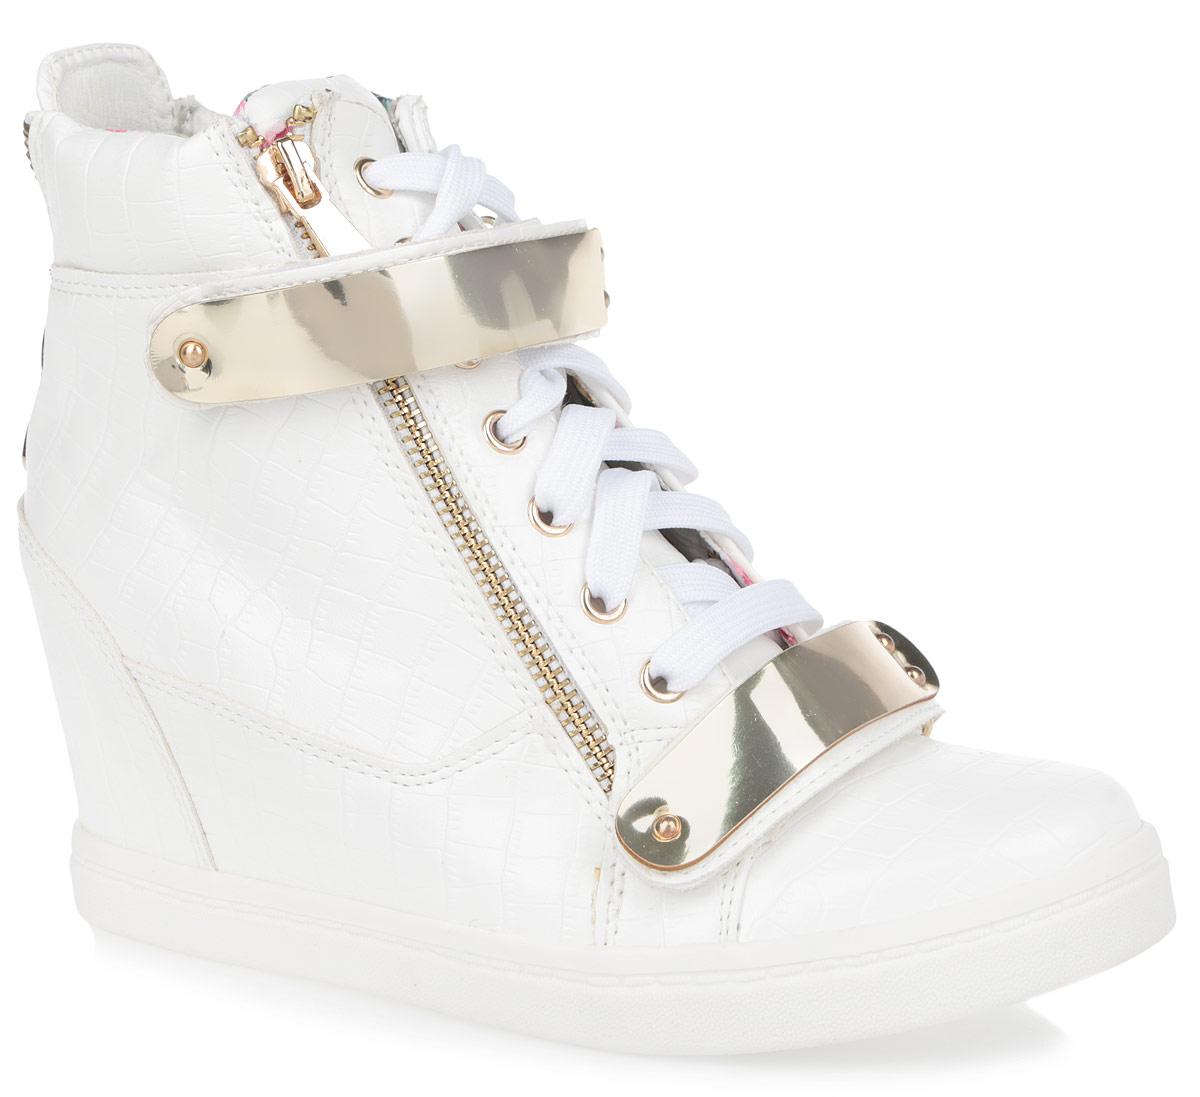 Сникерсы женские. 2021-22021-2/WHITEМодные женские сникерсы Burlesque выполнены из искусственной кожи, оформленной тиснением под рептилию. Верх изделия дополнен шнуровкой, а также двумя ремешками на застежках-липучках, которые надежно зафиксируют обувь на ноге и отрегулируют объем. Подкладка, изготовленная из текстиля с ярким цветочным рисунком, и стелька - из ЭВА материала с покрытием из искусственной кожи, обеспечат ногам уют. Сбоку и на заднике сникерсы украшены декоративной металлической молнией с покрытием под золото, а в области подъема - пластиковыми пластинами с имитацией под металл. Танкетка умеренной высоты - устойчива. Обувь застегивается на застежку-молнию, расположенную с одной из боковых сторон. Подошва из полимерного термопластичного материала с рельефным протектором обеспечивает отличное сцепление с любой поверхностью. В этих сникерсах вашим ногам будет комфортно и уютно. Они подчеркнут ваш стиль и индивидуальность.